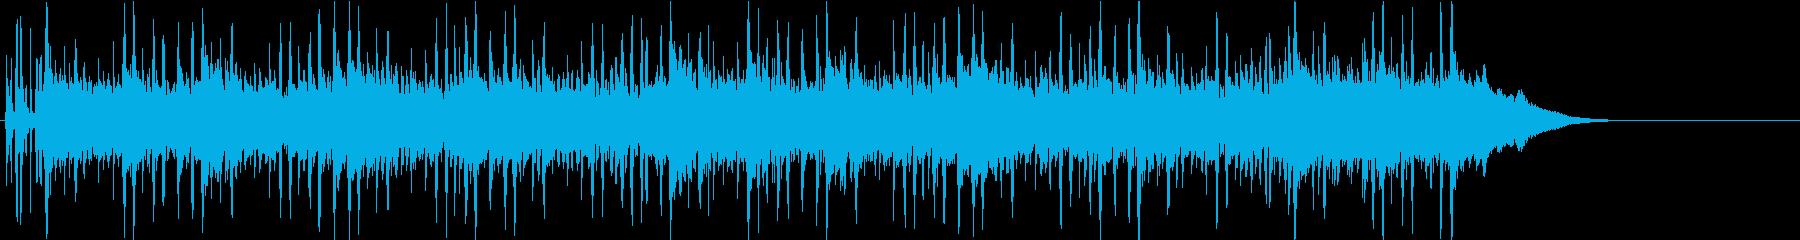 シンプルなピアノメロ。浮遊感。EDM。の再生済みの波形